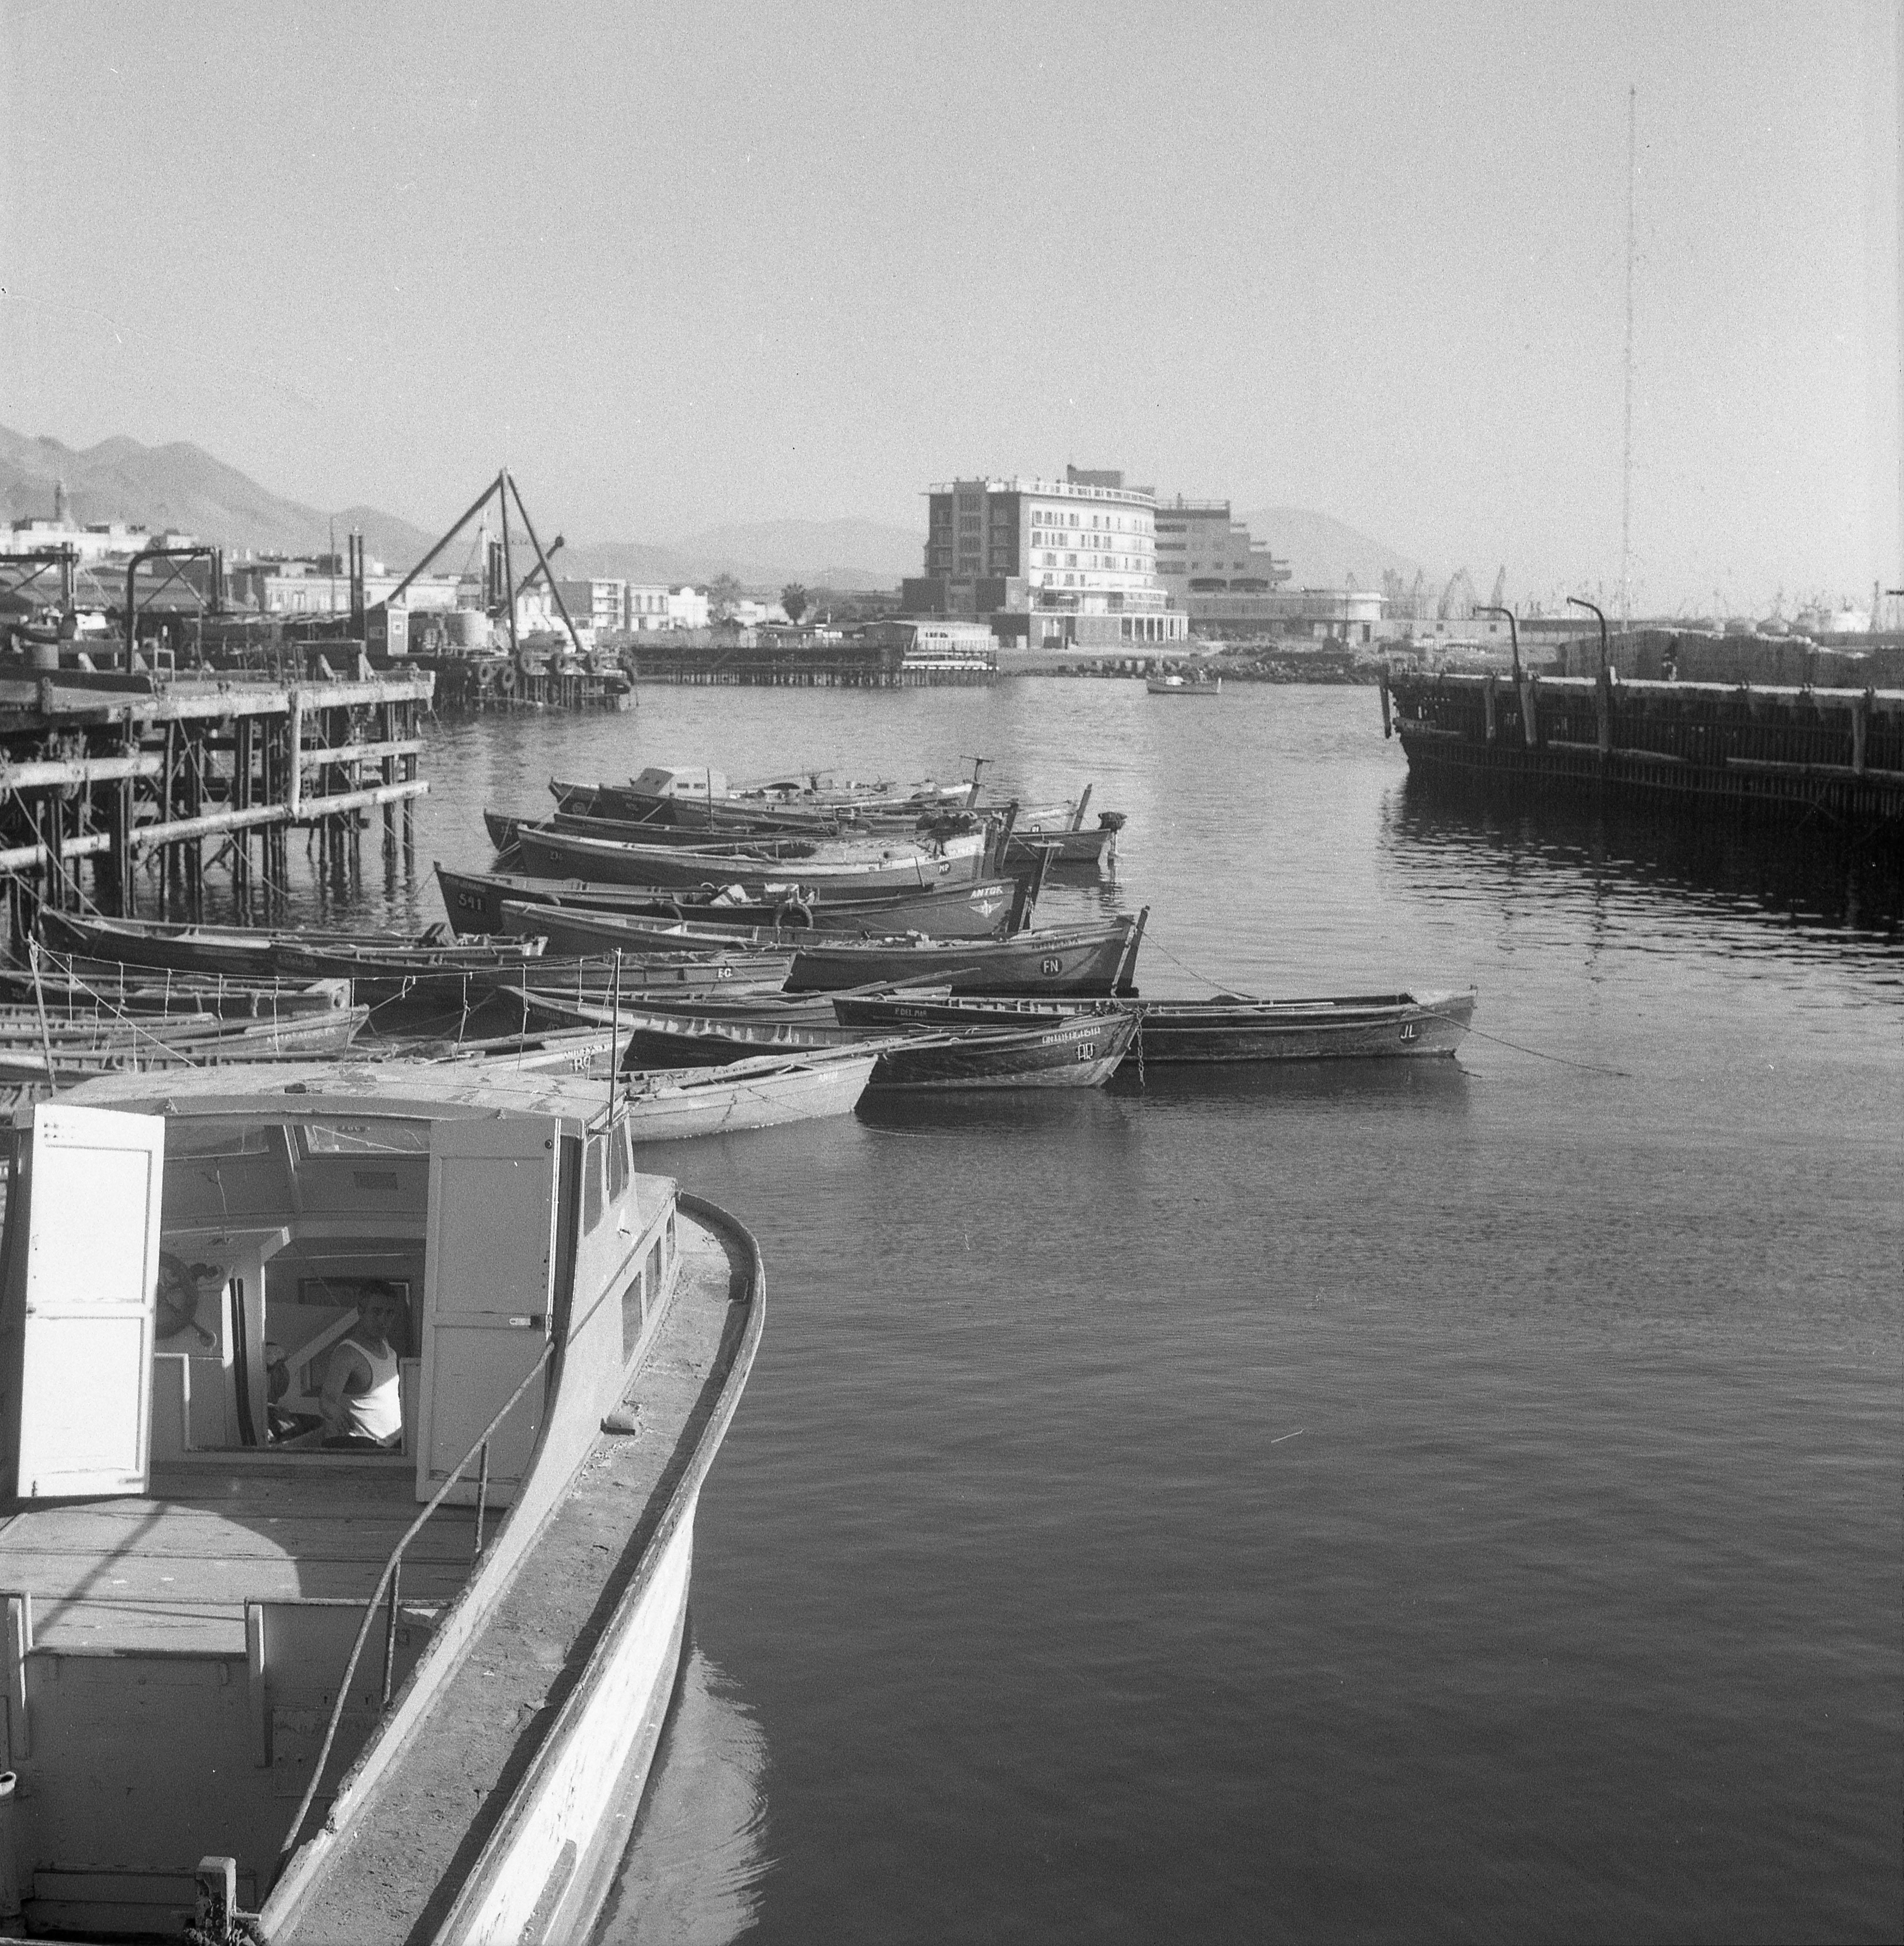 Enterreno - Fotos históricas de chile - fotos antiguas de Chile - Puerto Pesquero de Antofagasta en 1972